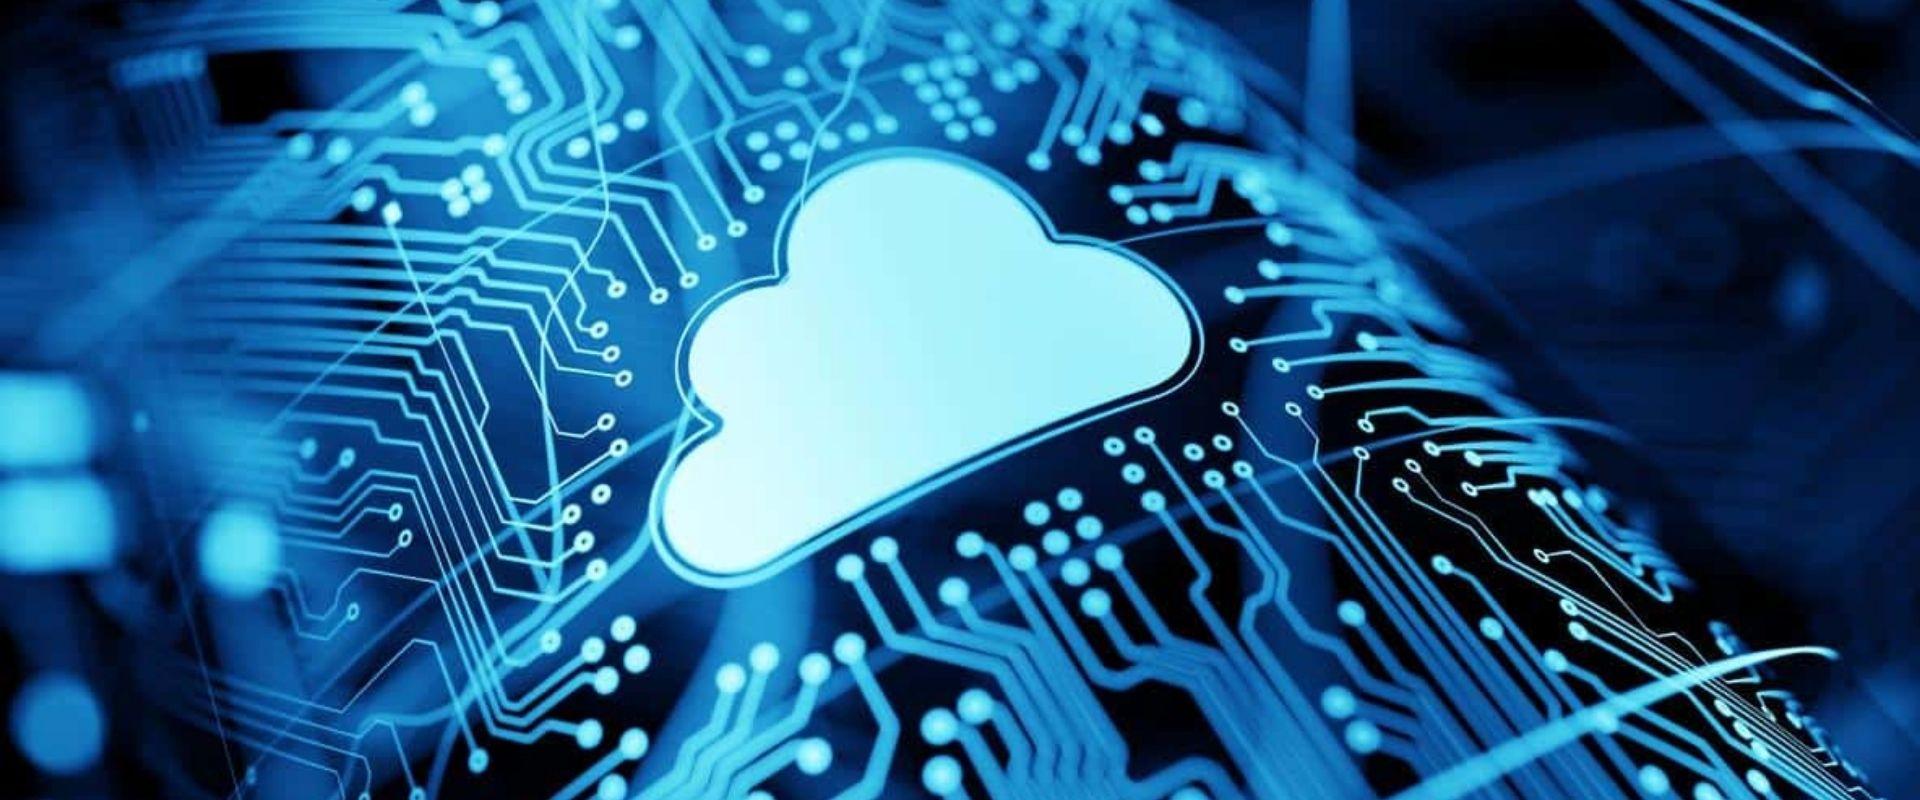 Computação em nuvem: o que é e quais são suas vantagens e desvantagens